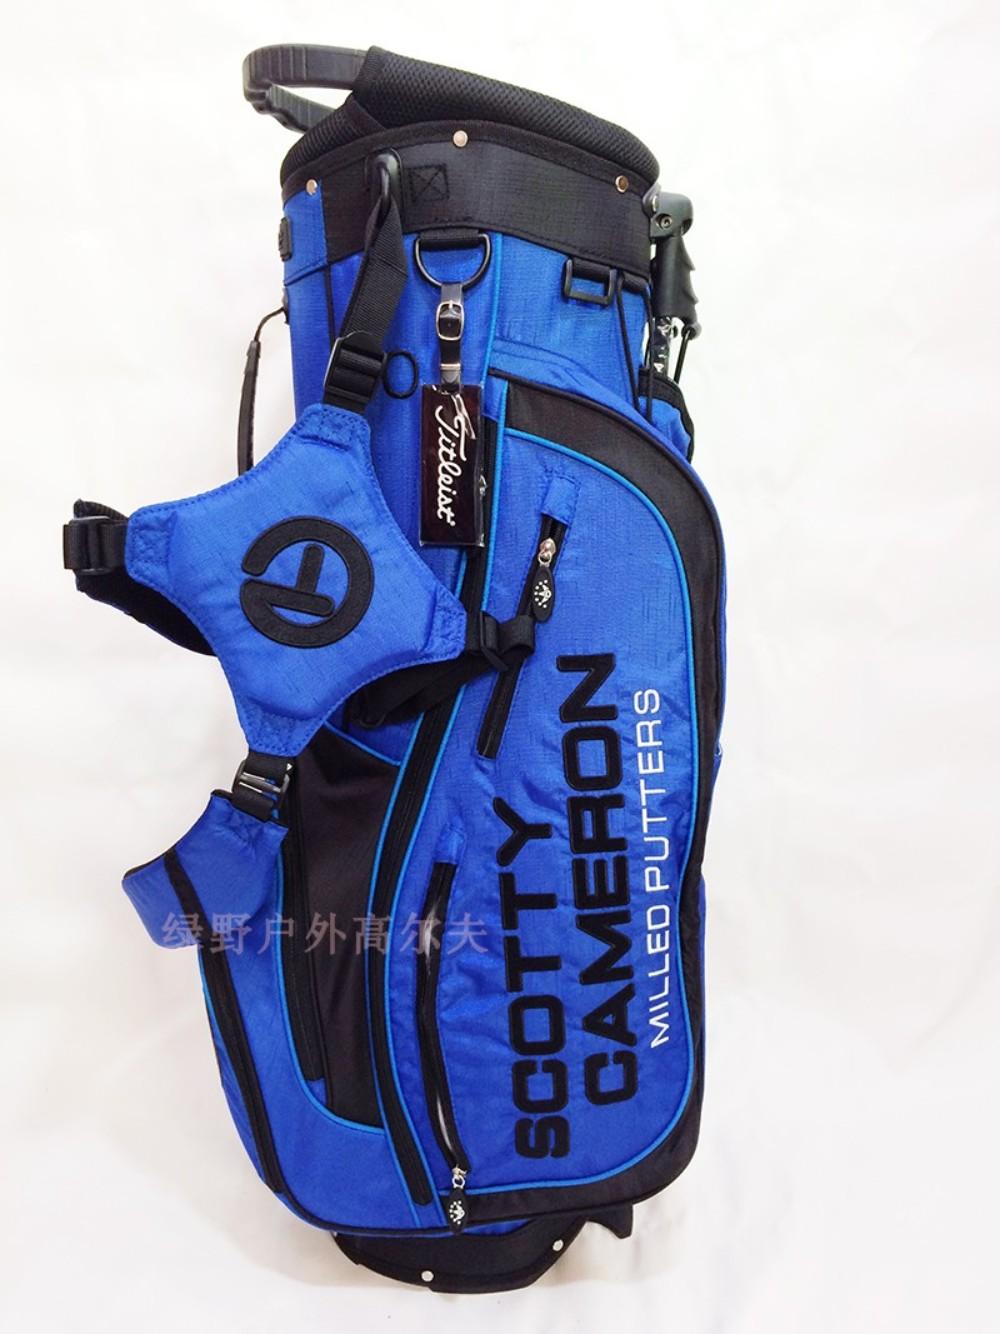 스카티카메론 골프 가방 캐디백 스탠드백 경량 남성용 여성용, 블루